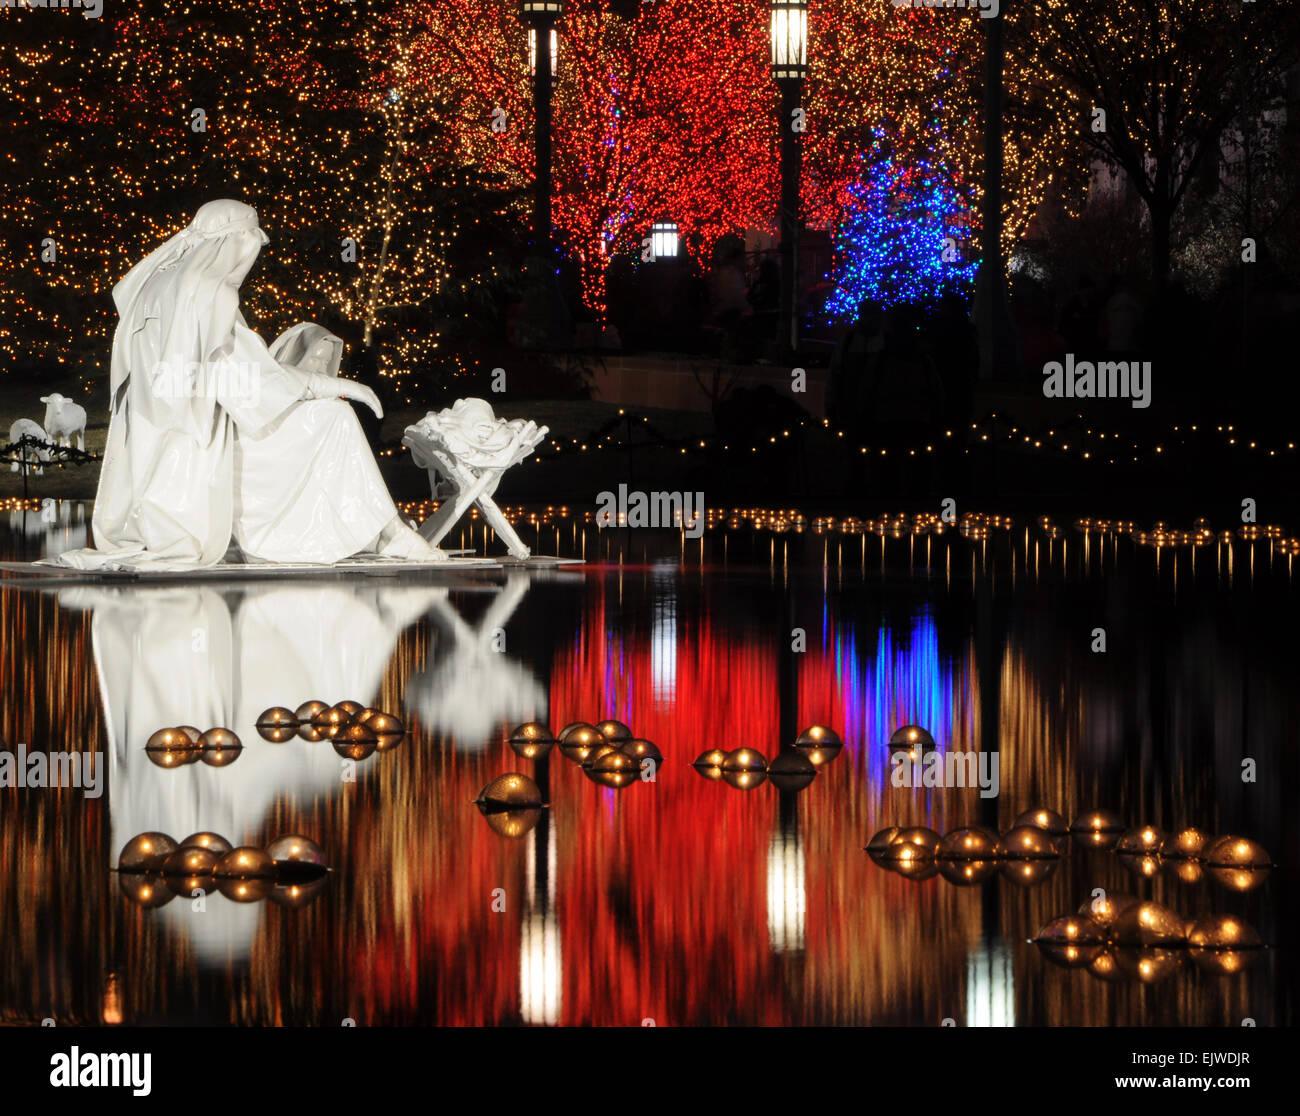 Christmas At The Lake: Water Christmas Nativity Scene At Night